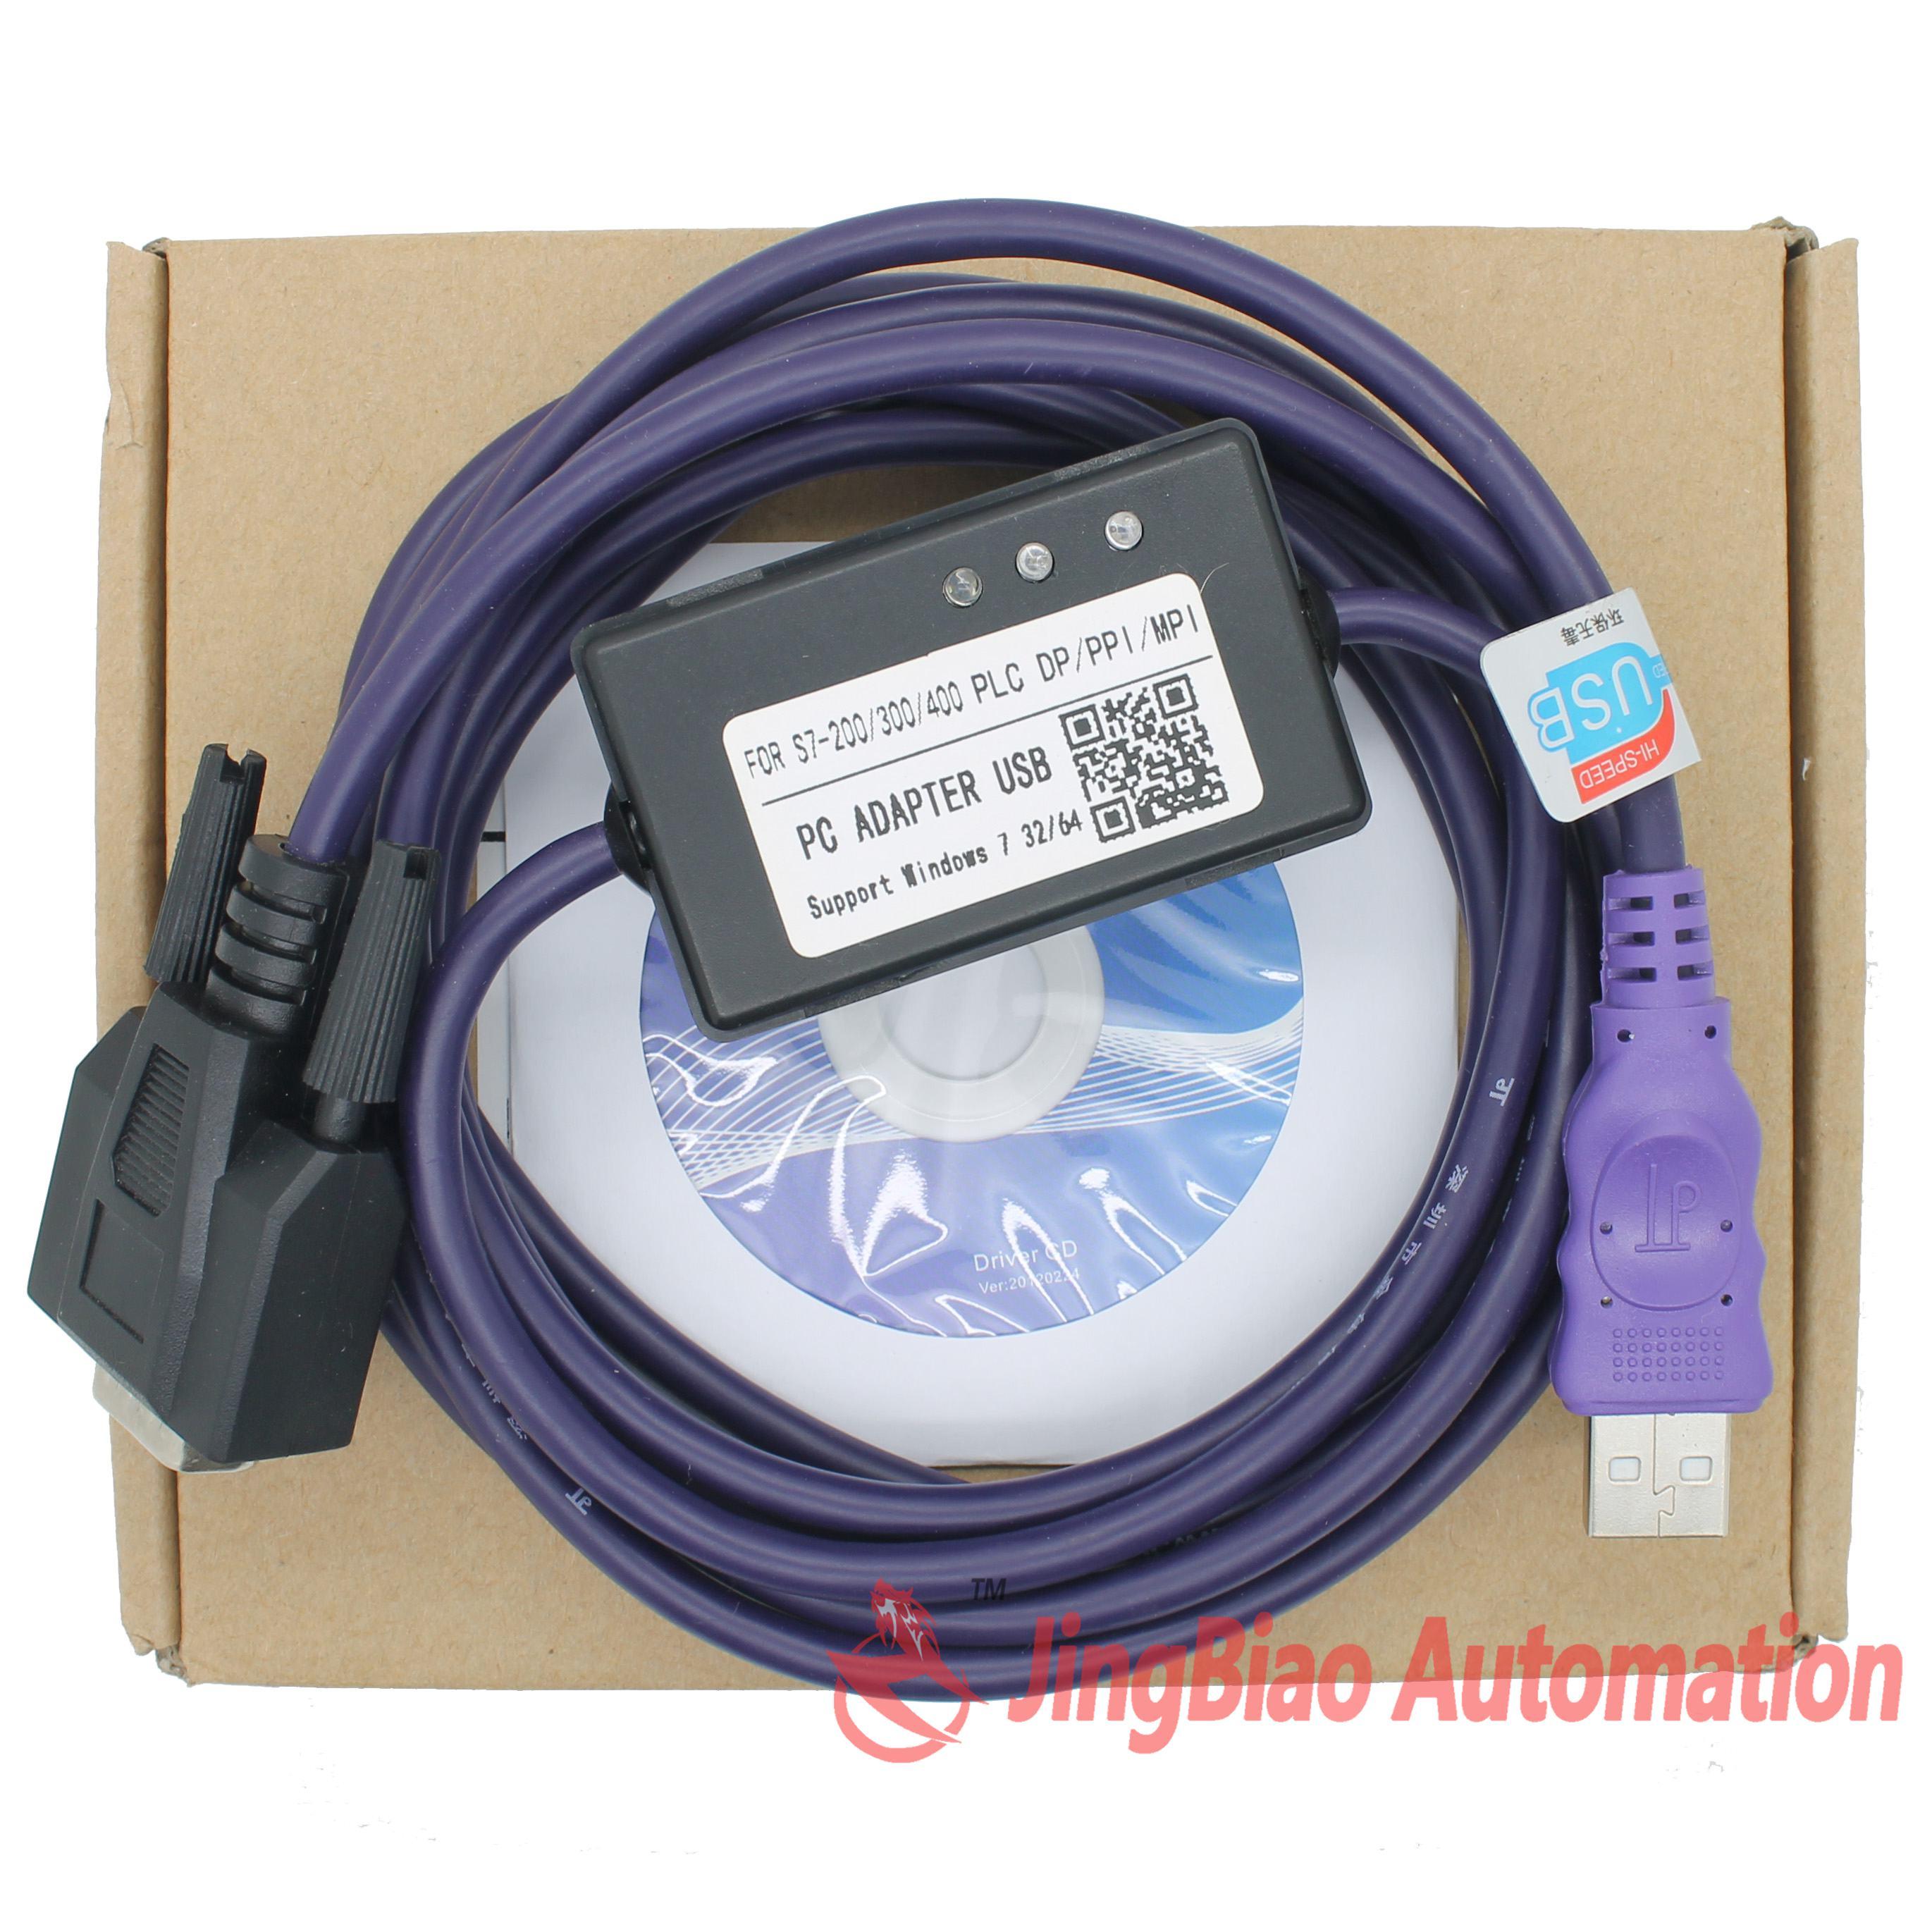 download pc adapter usb siemens driver windows 7 64 bit